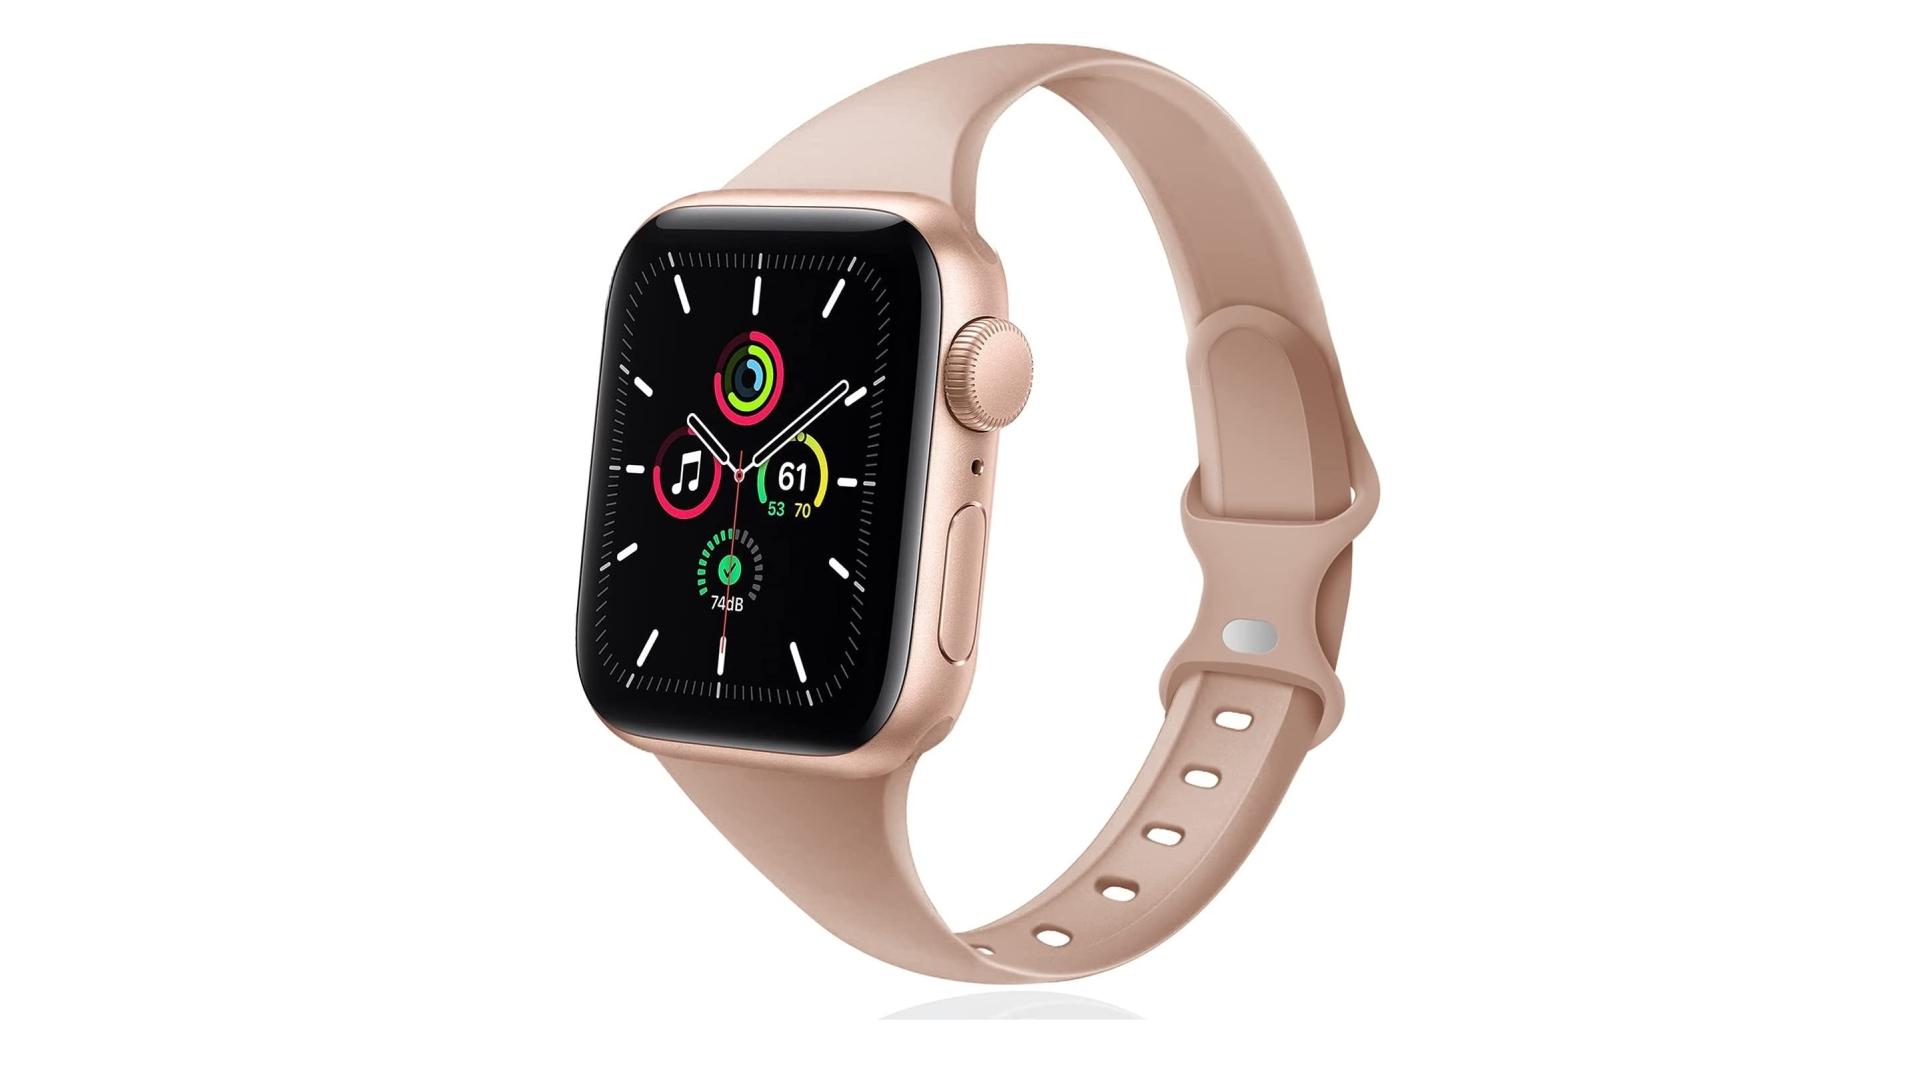 dây đeo đồng hồ apple watch dây silicon mỏng thể thao đêiss